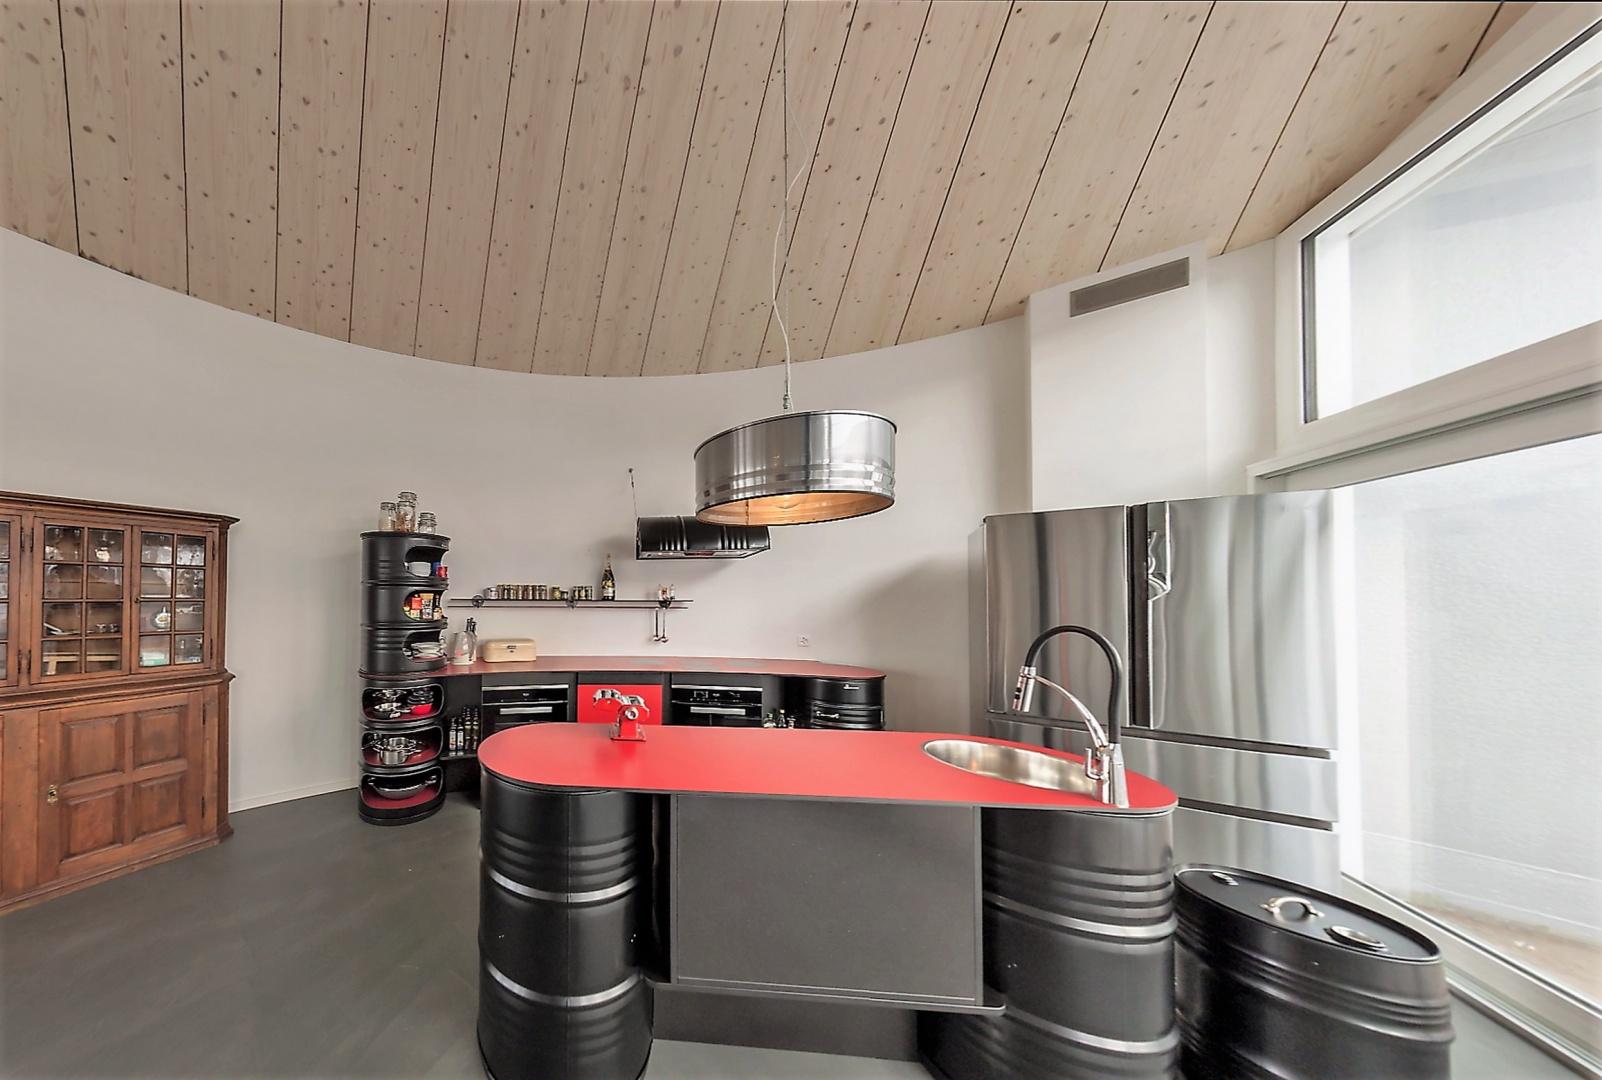 Cuisine construit avec fûts étage mansardéachgeschoss © Beat Schaer